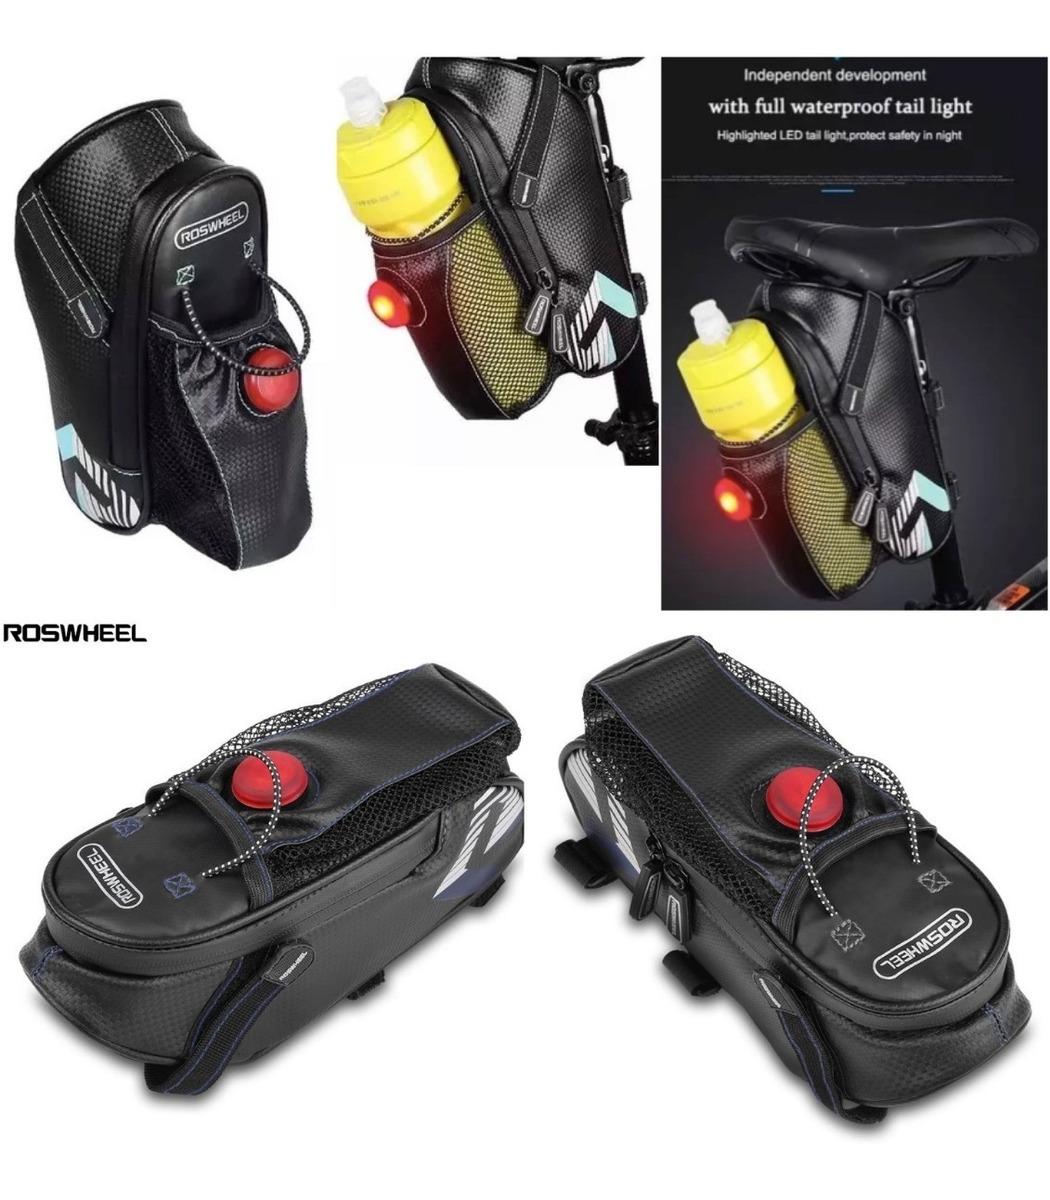 def06a32554 mochila roswheel porta herramienta anfora luz bicicleta. Cargando zoom.